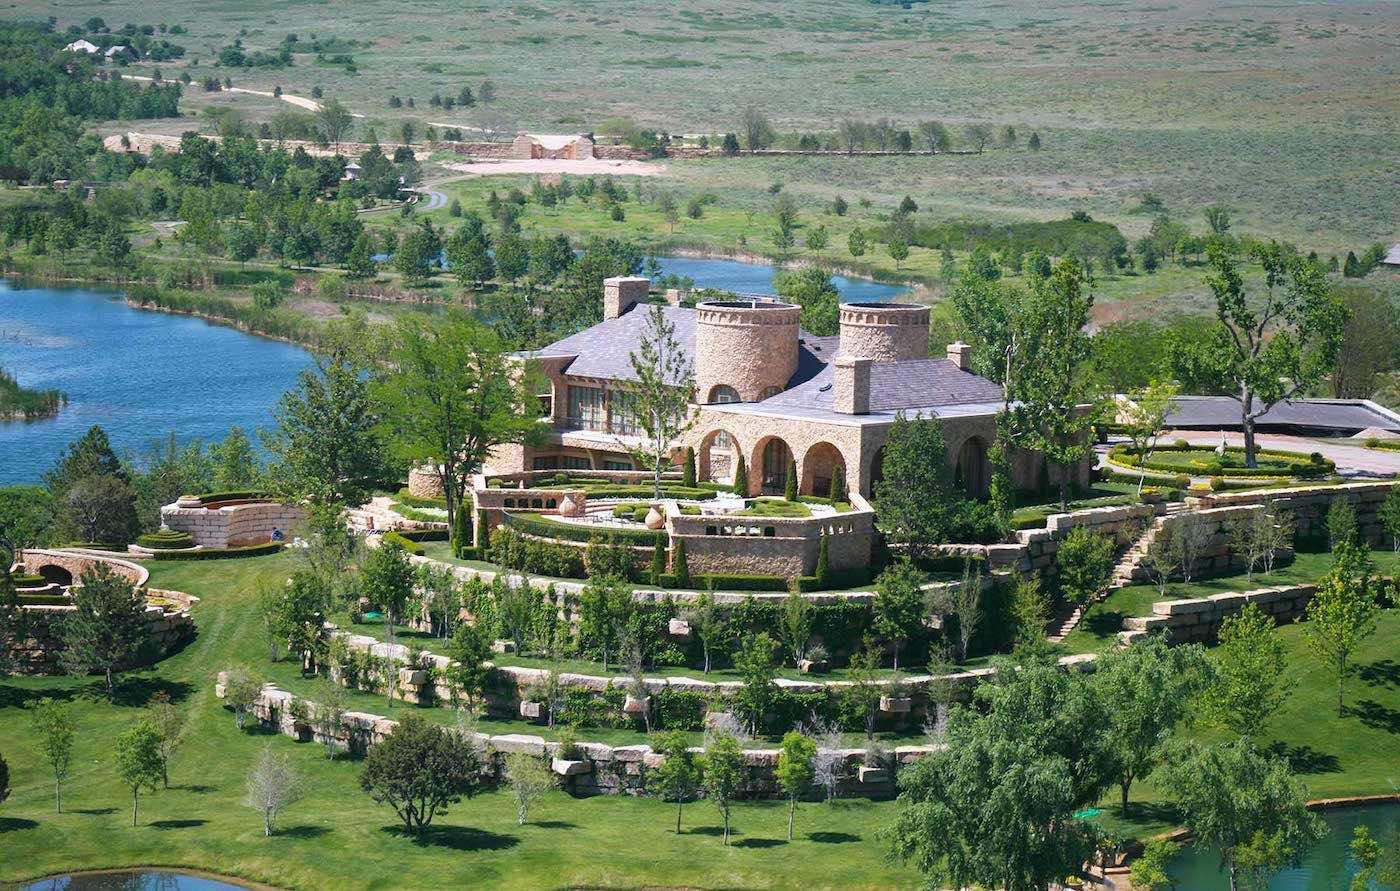 Reducen el precio del gigantesco rancho de 65.000 acres en Texas del magnate T. Boone Pickens a 220 millones de dólares